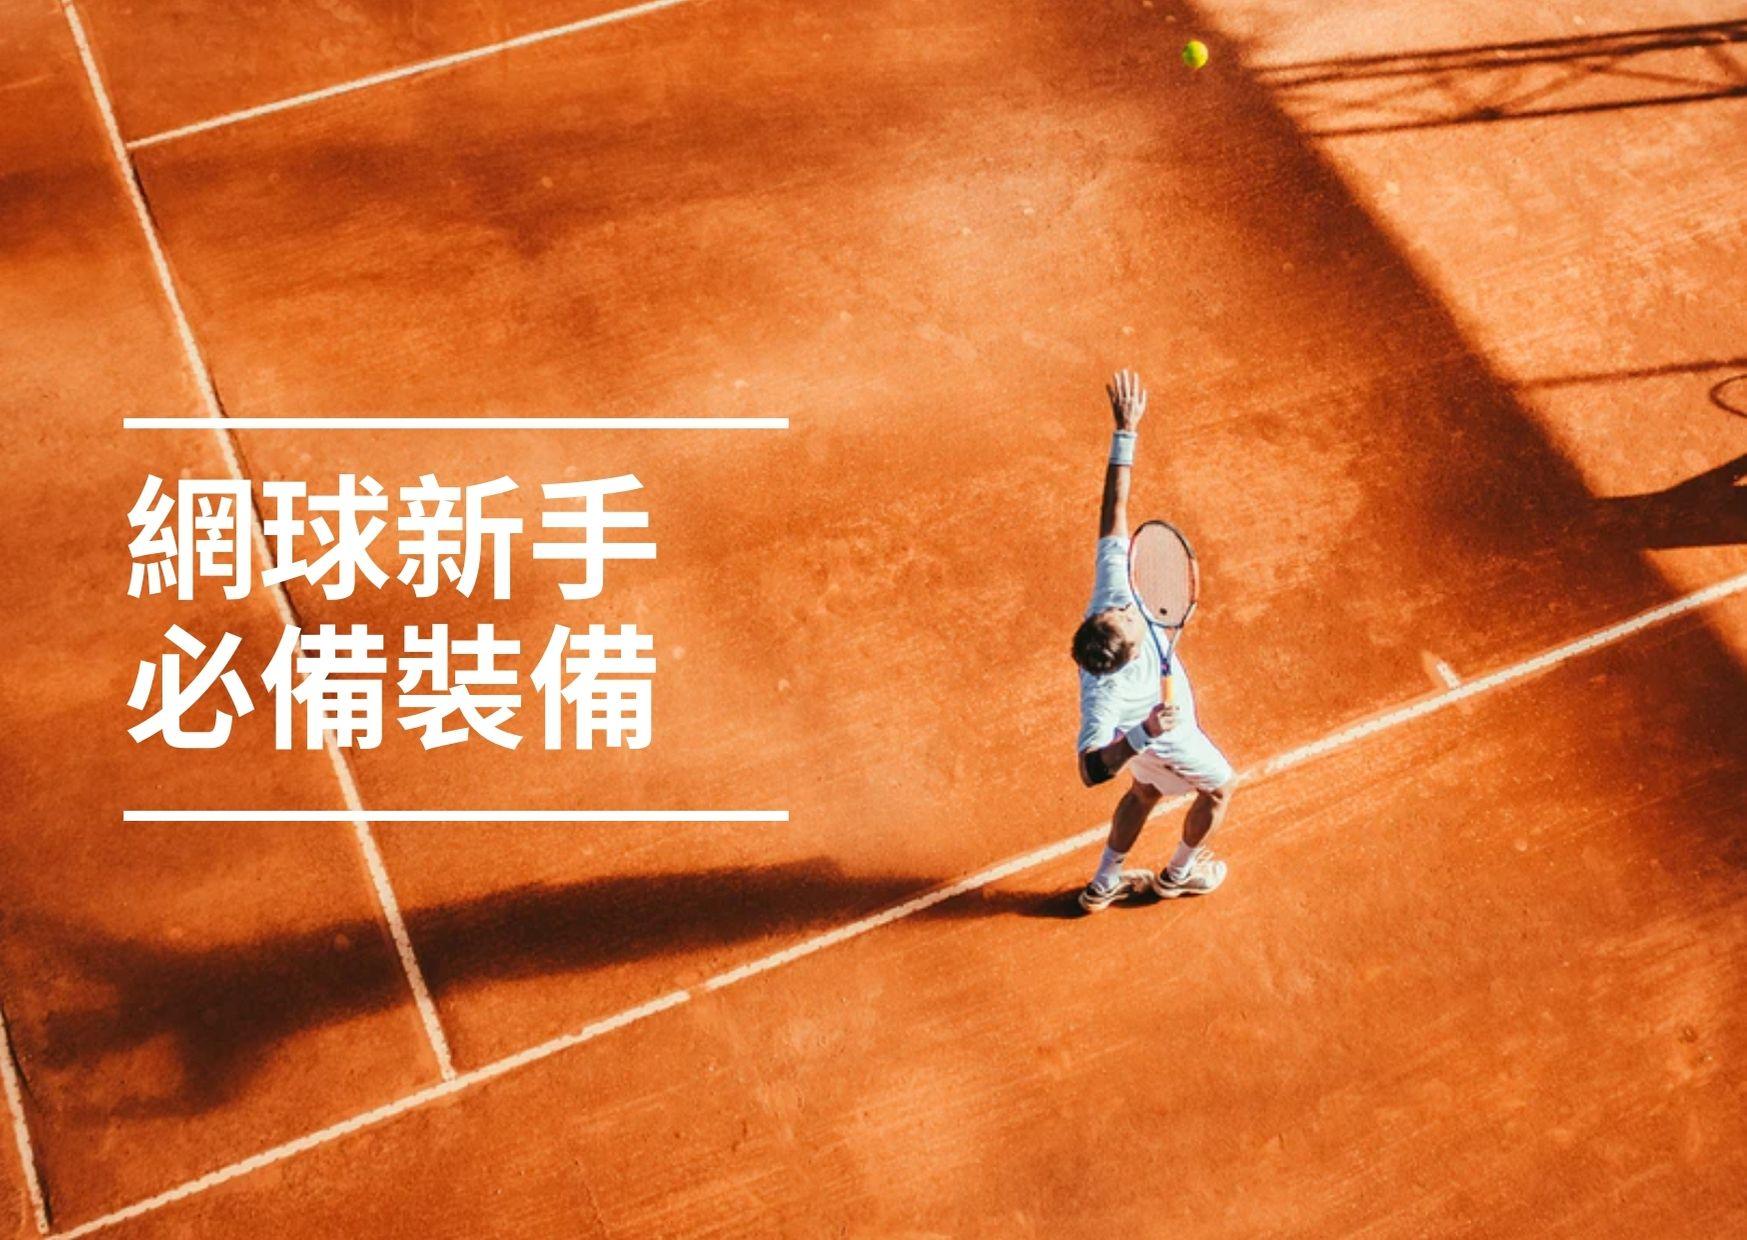 【戶外活動】網球新手必備裝備